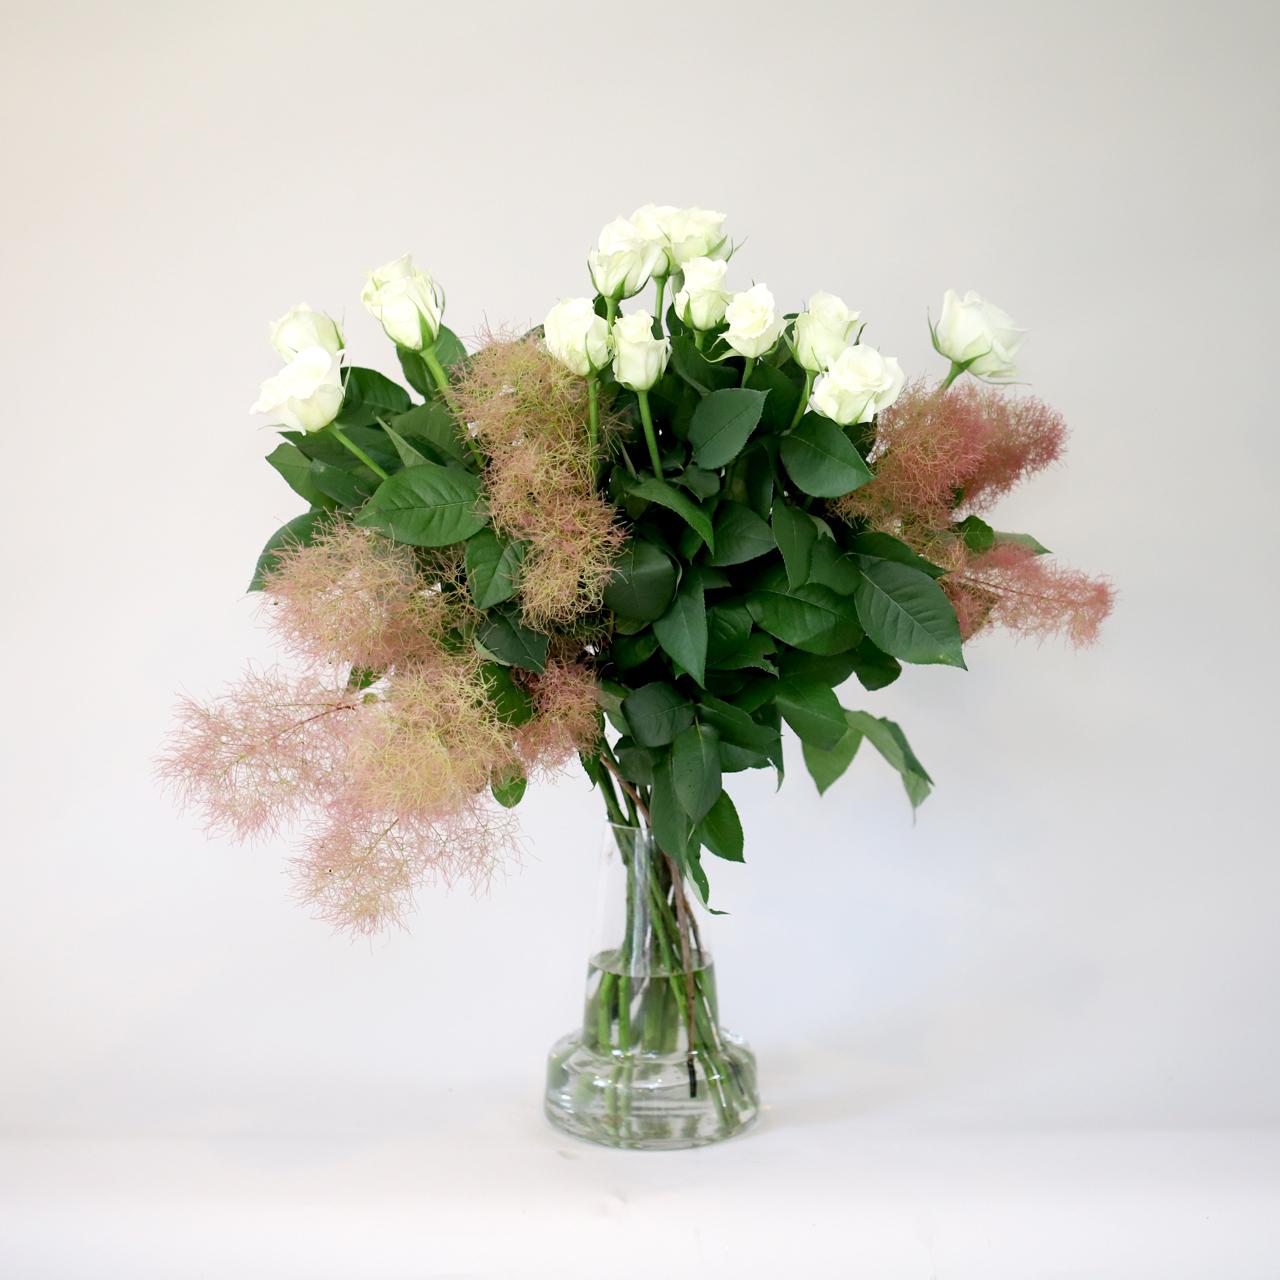 ティネケとスモークツリーの花束 - 生産者さん応援企画 -